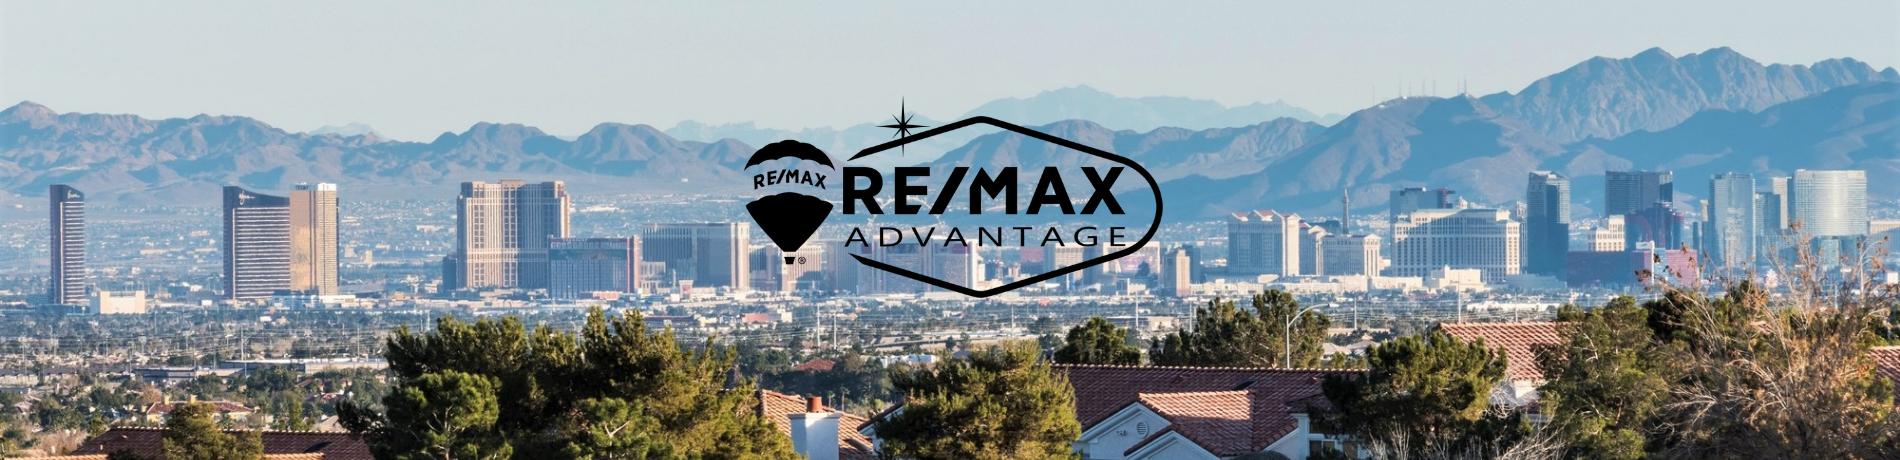 remax advantage - vegas